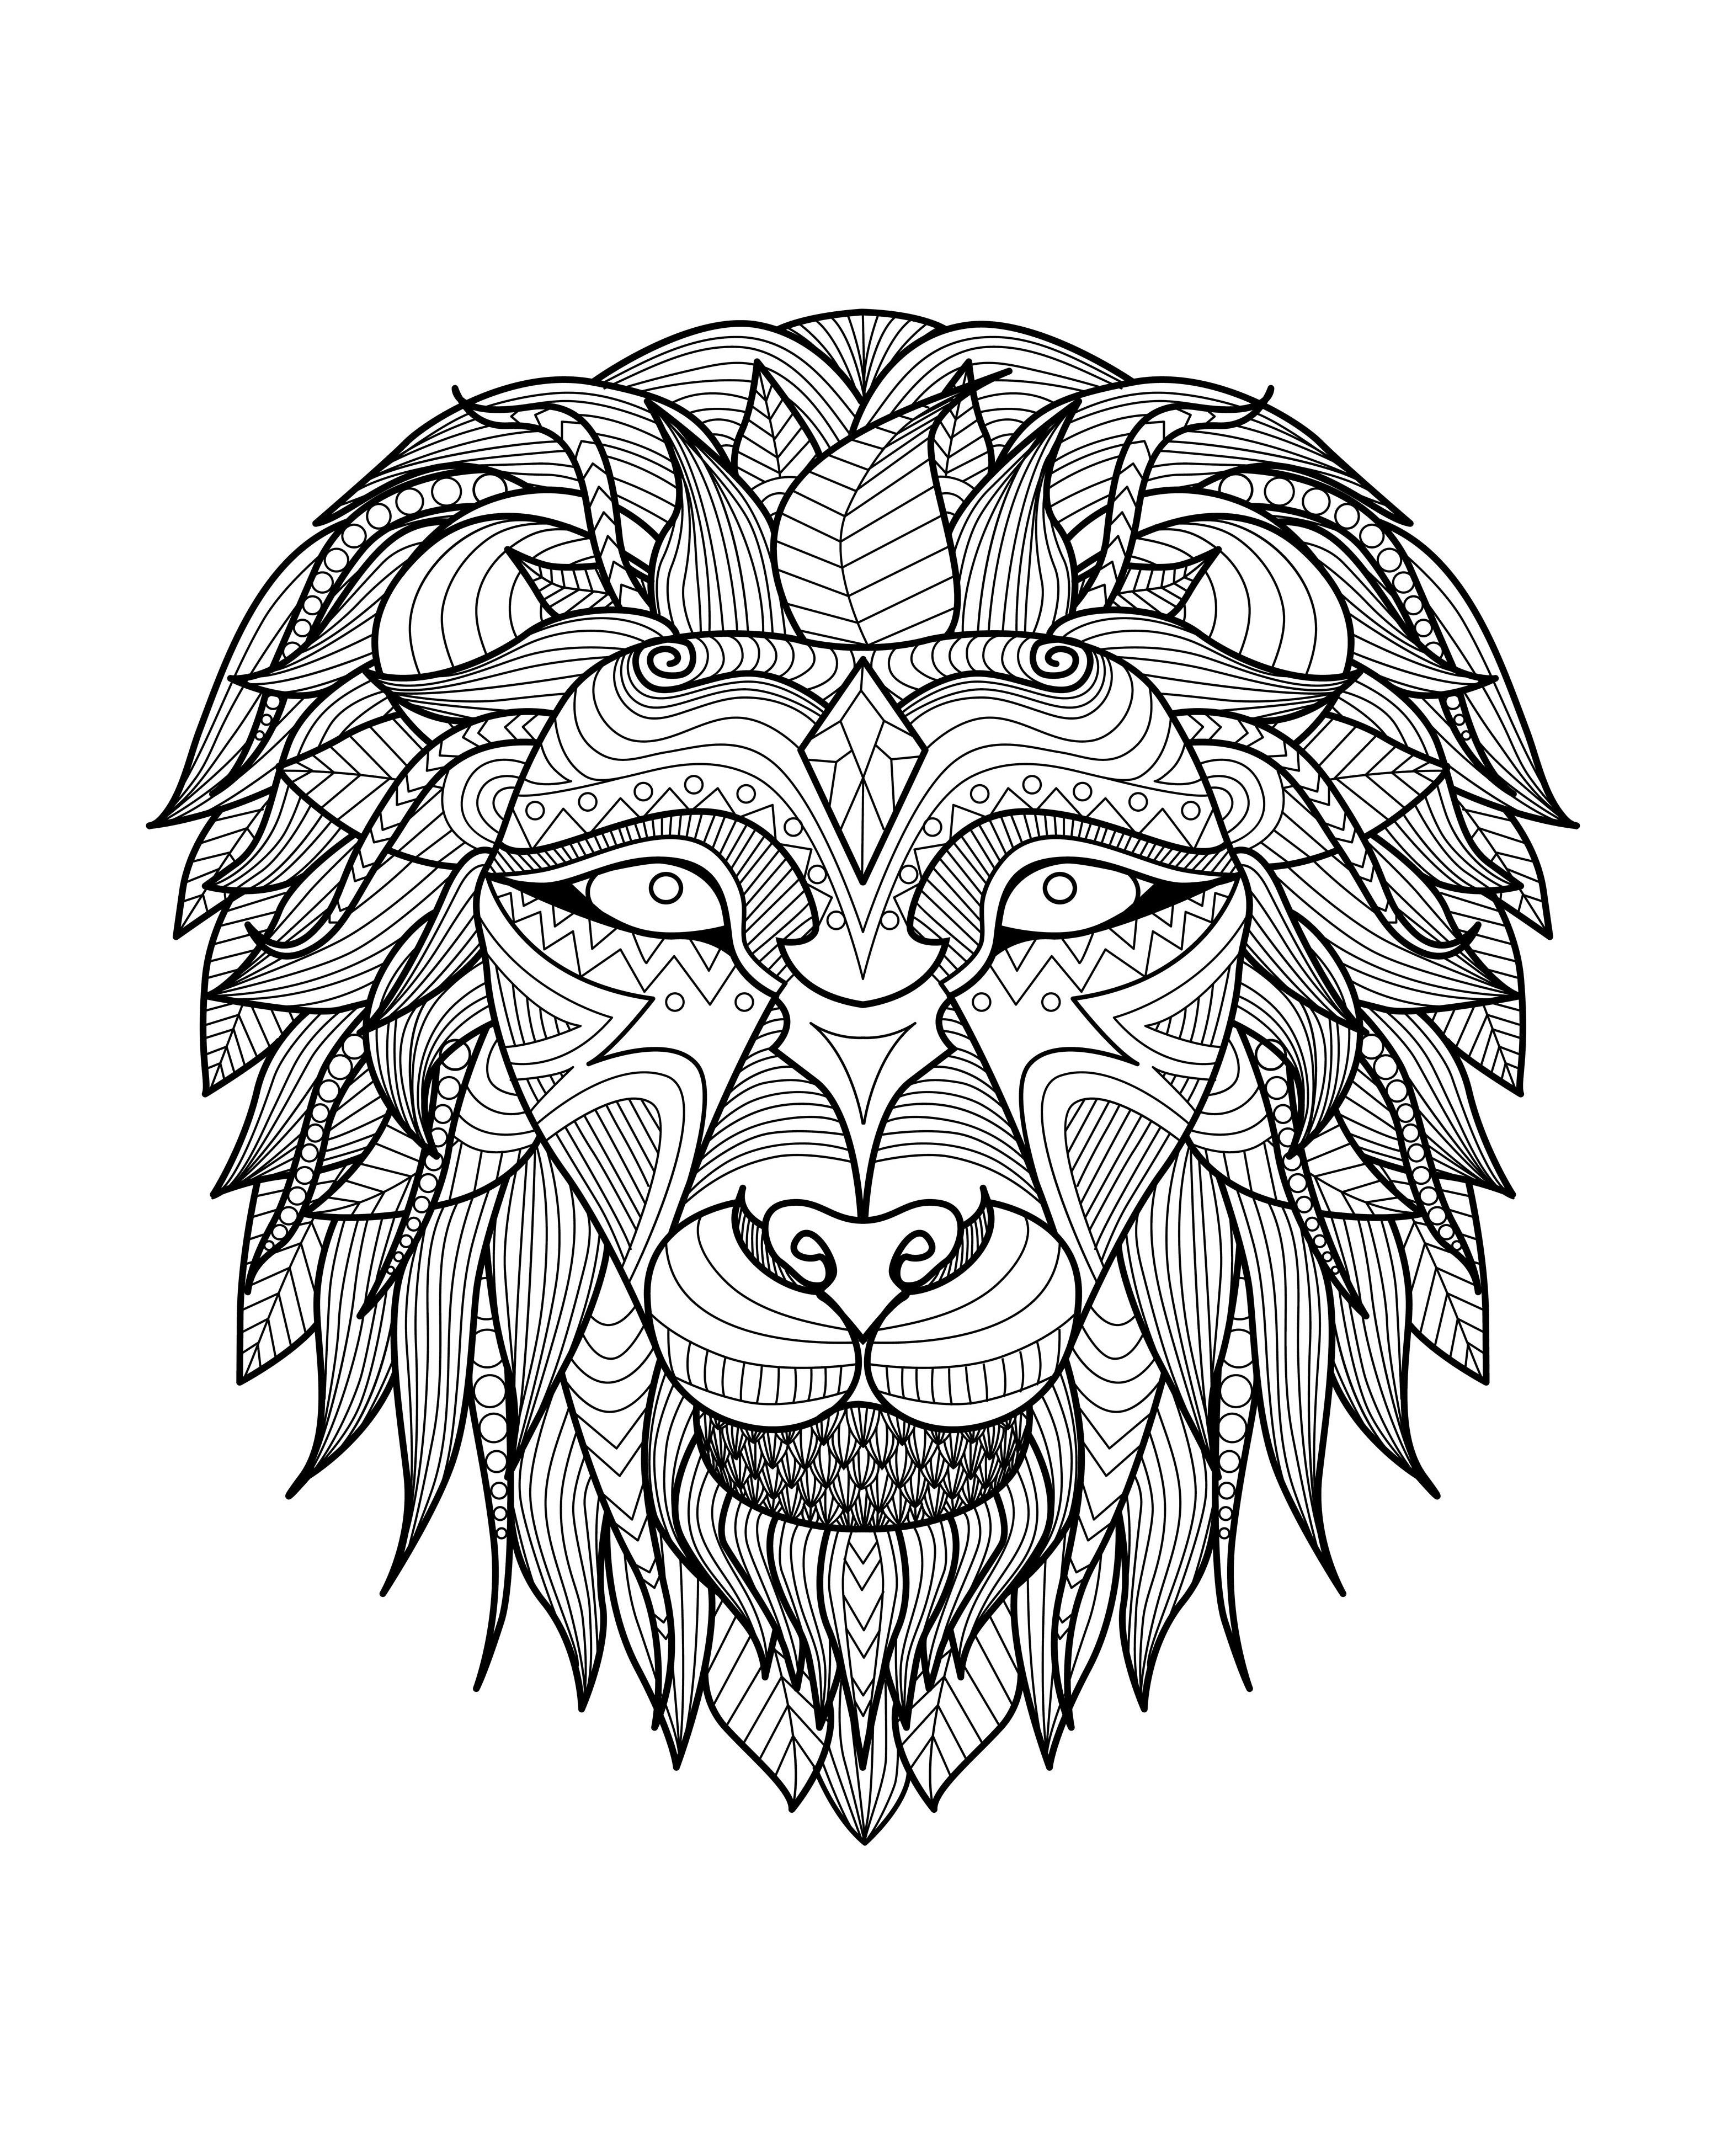 Afrique tete lion 2 | A partir de la galerie : Afrique